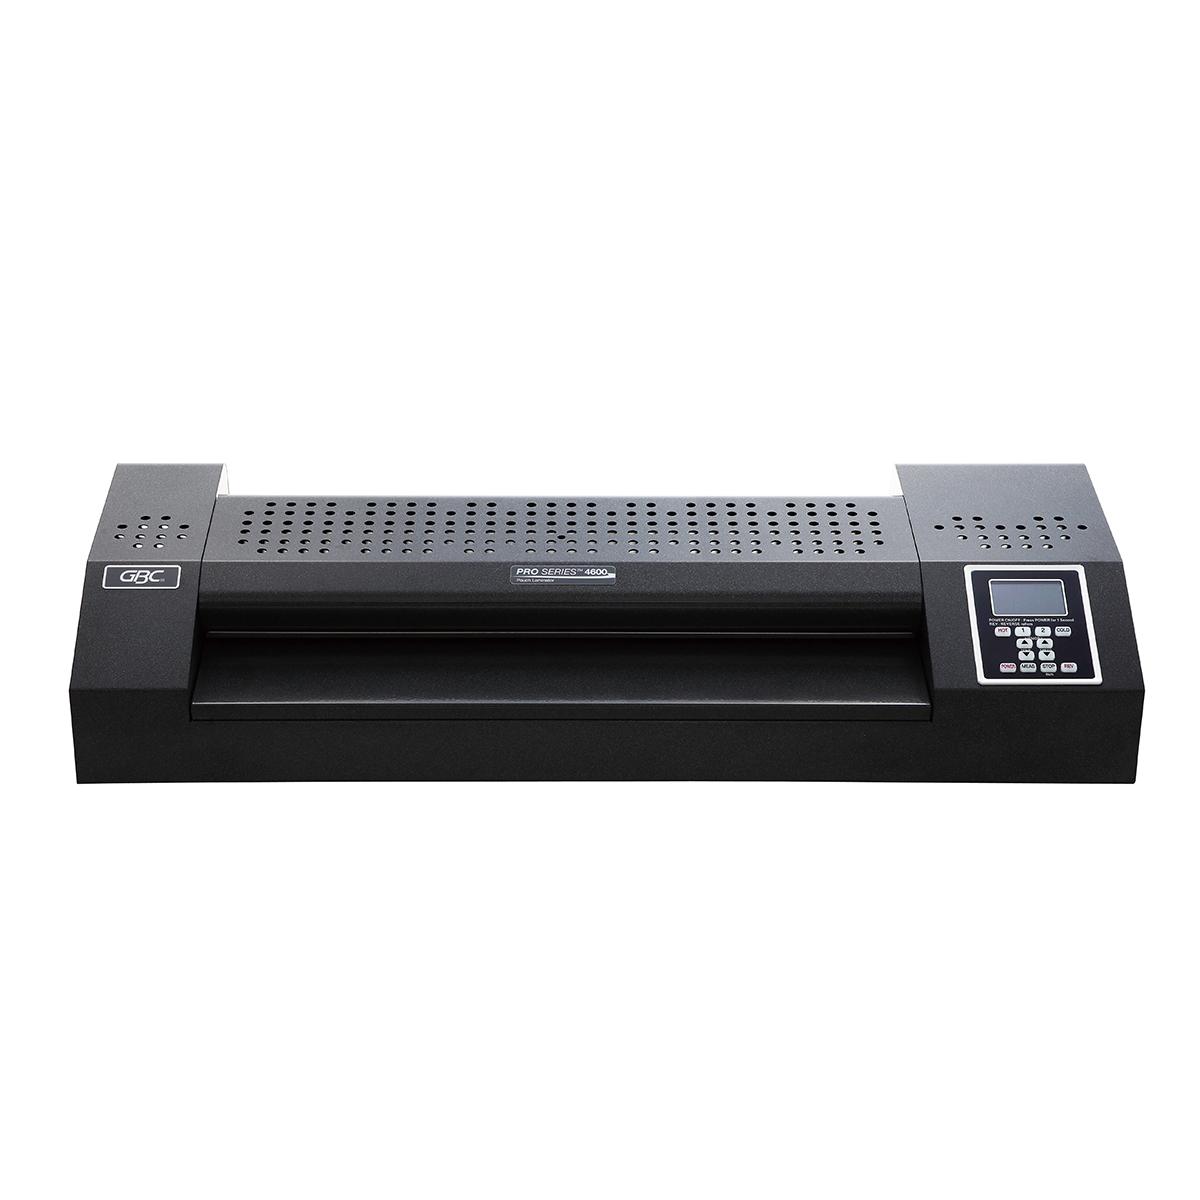 GBC Pro Series 4600 A2 Laminator